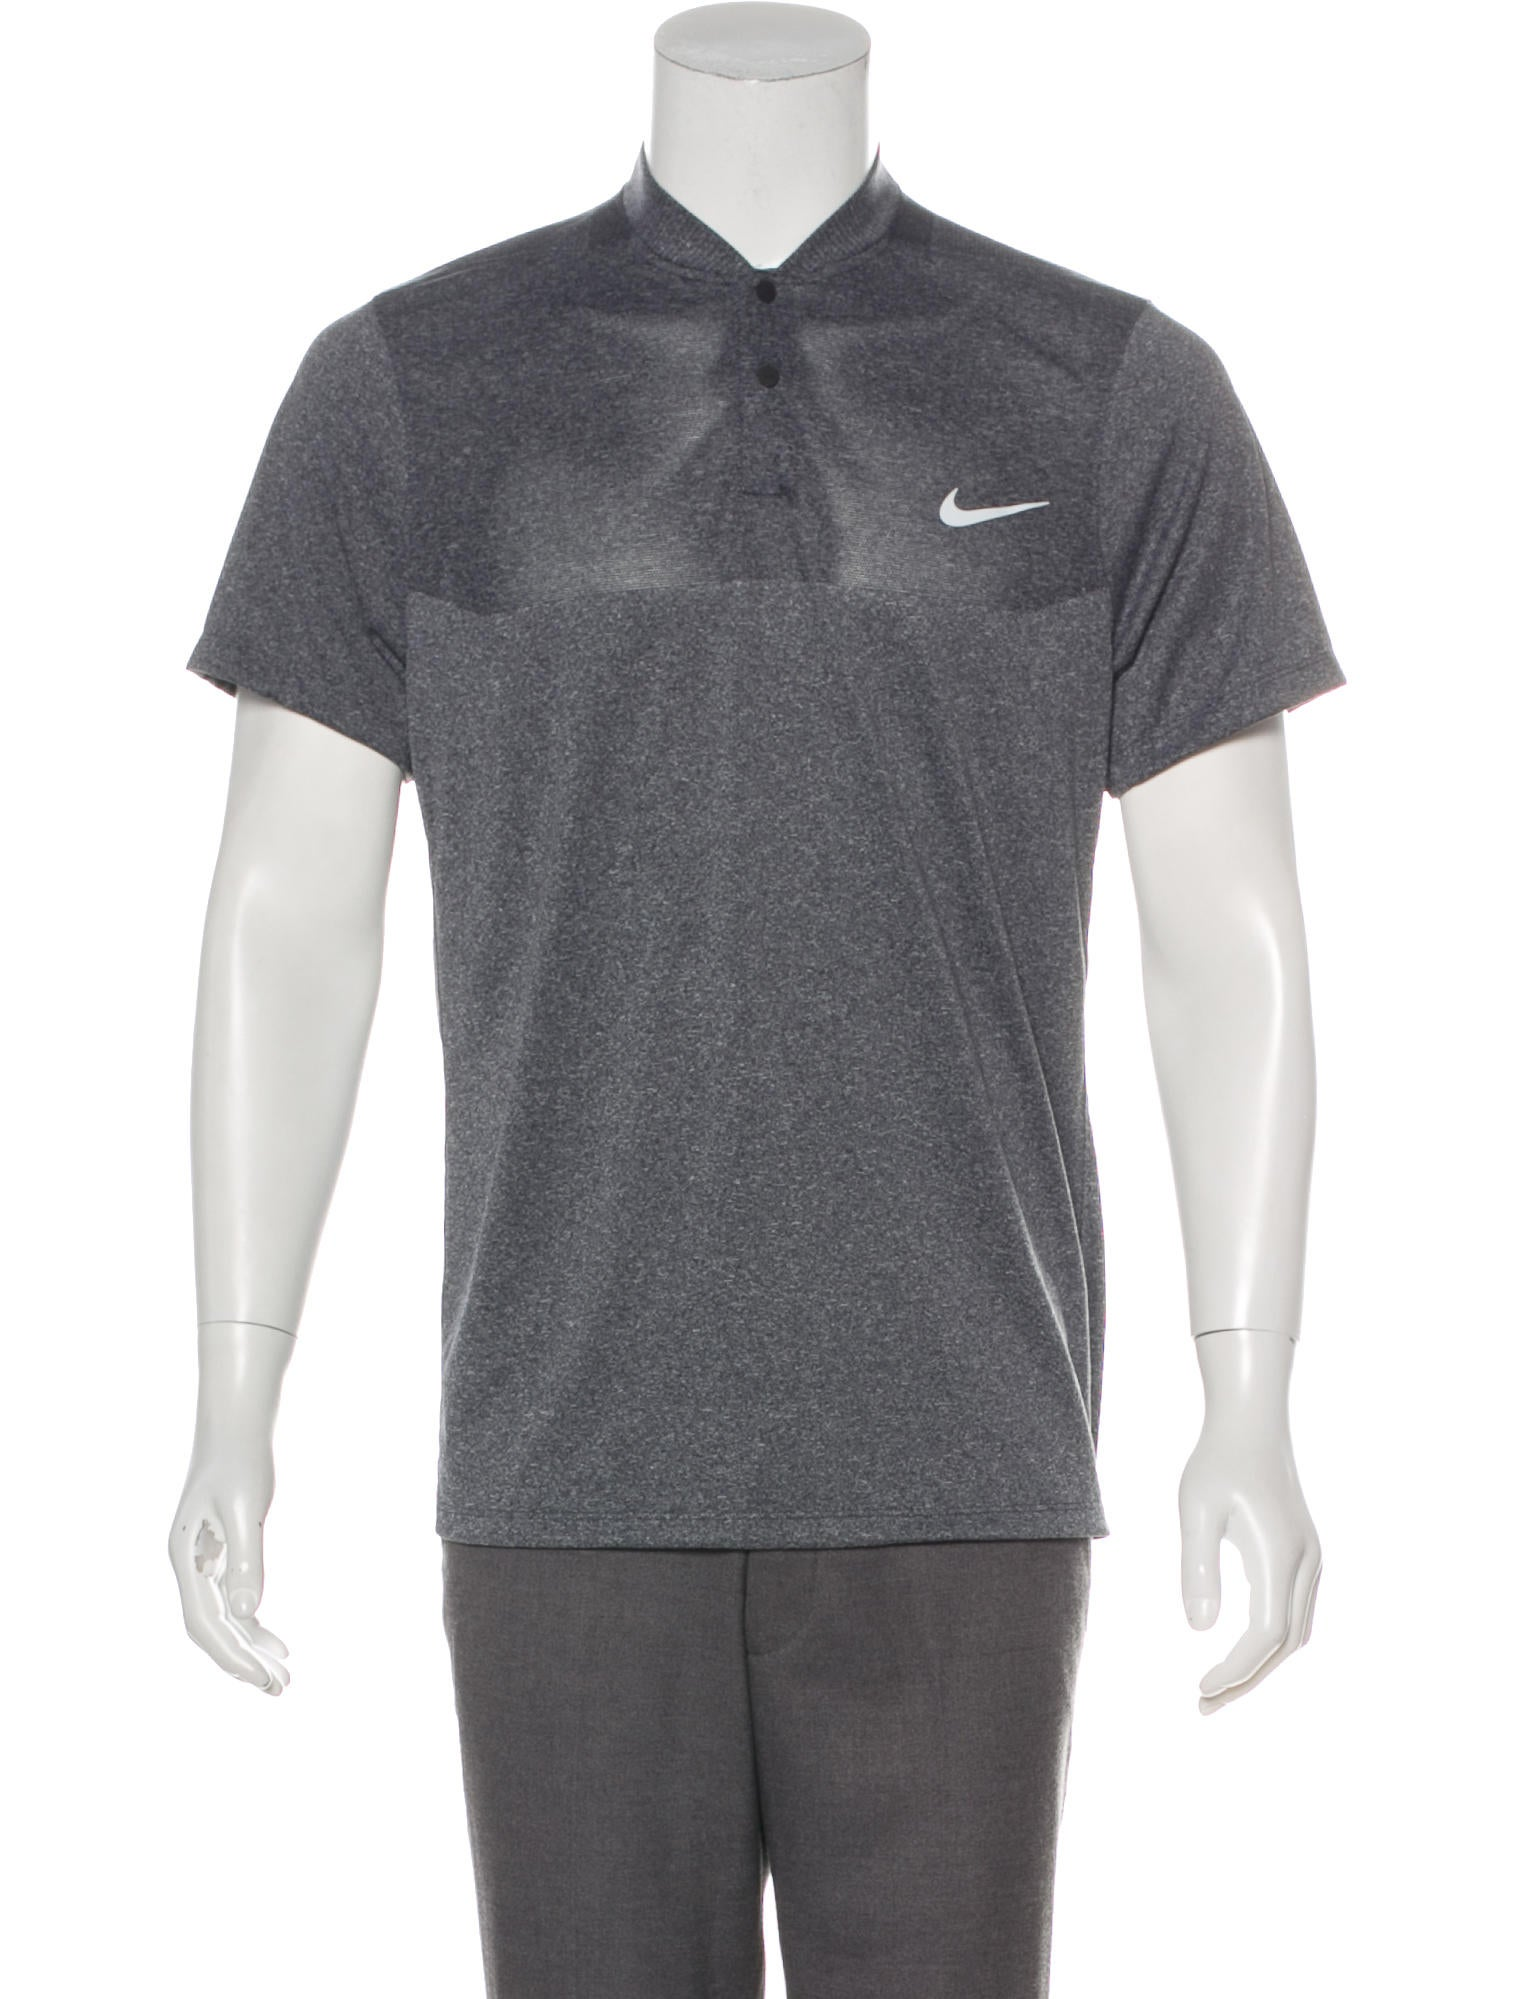 Ywmnno80v T Wu234271 Shirt Nike Swing W Tags Block Clothing Polo Fly Aq35j4RL